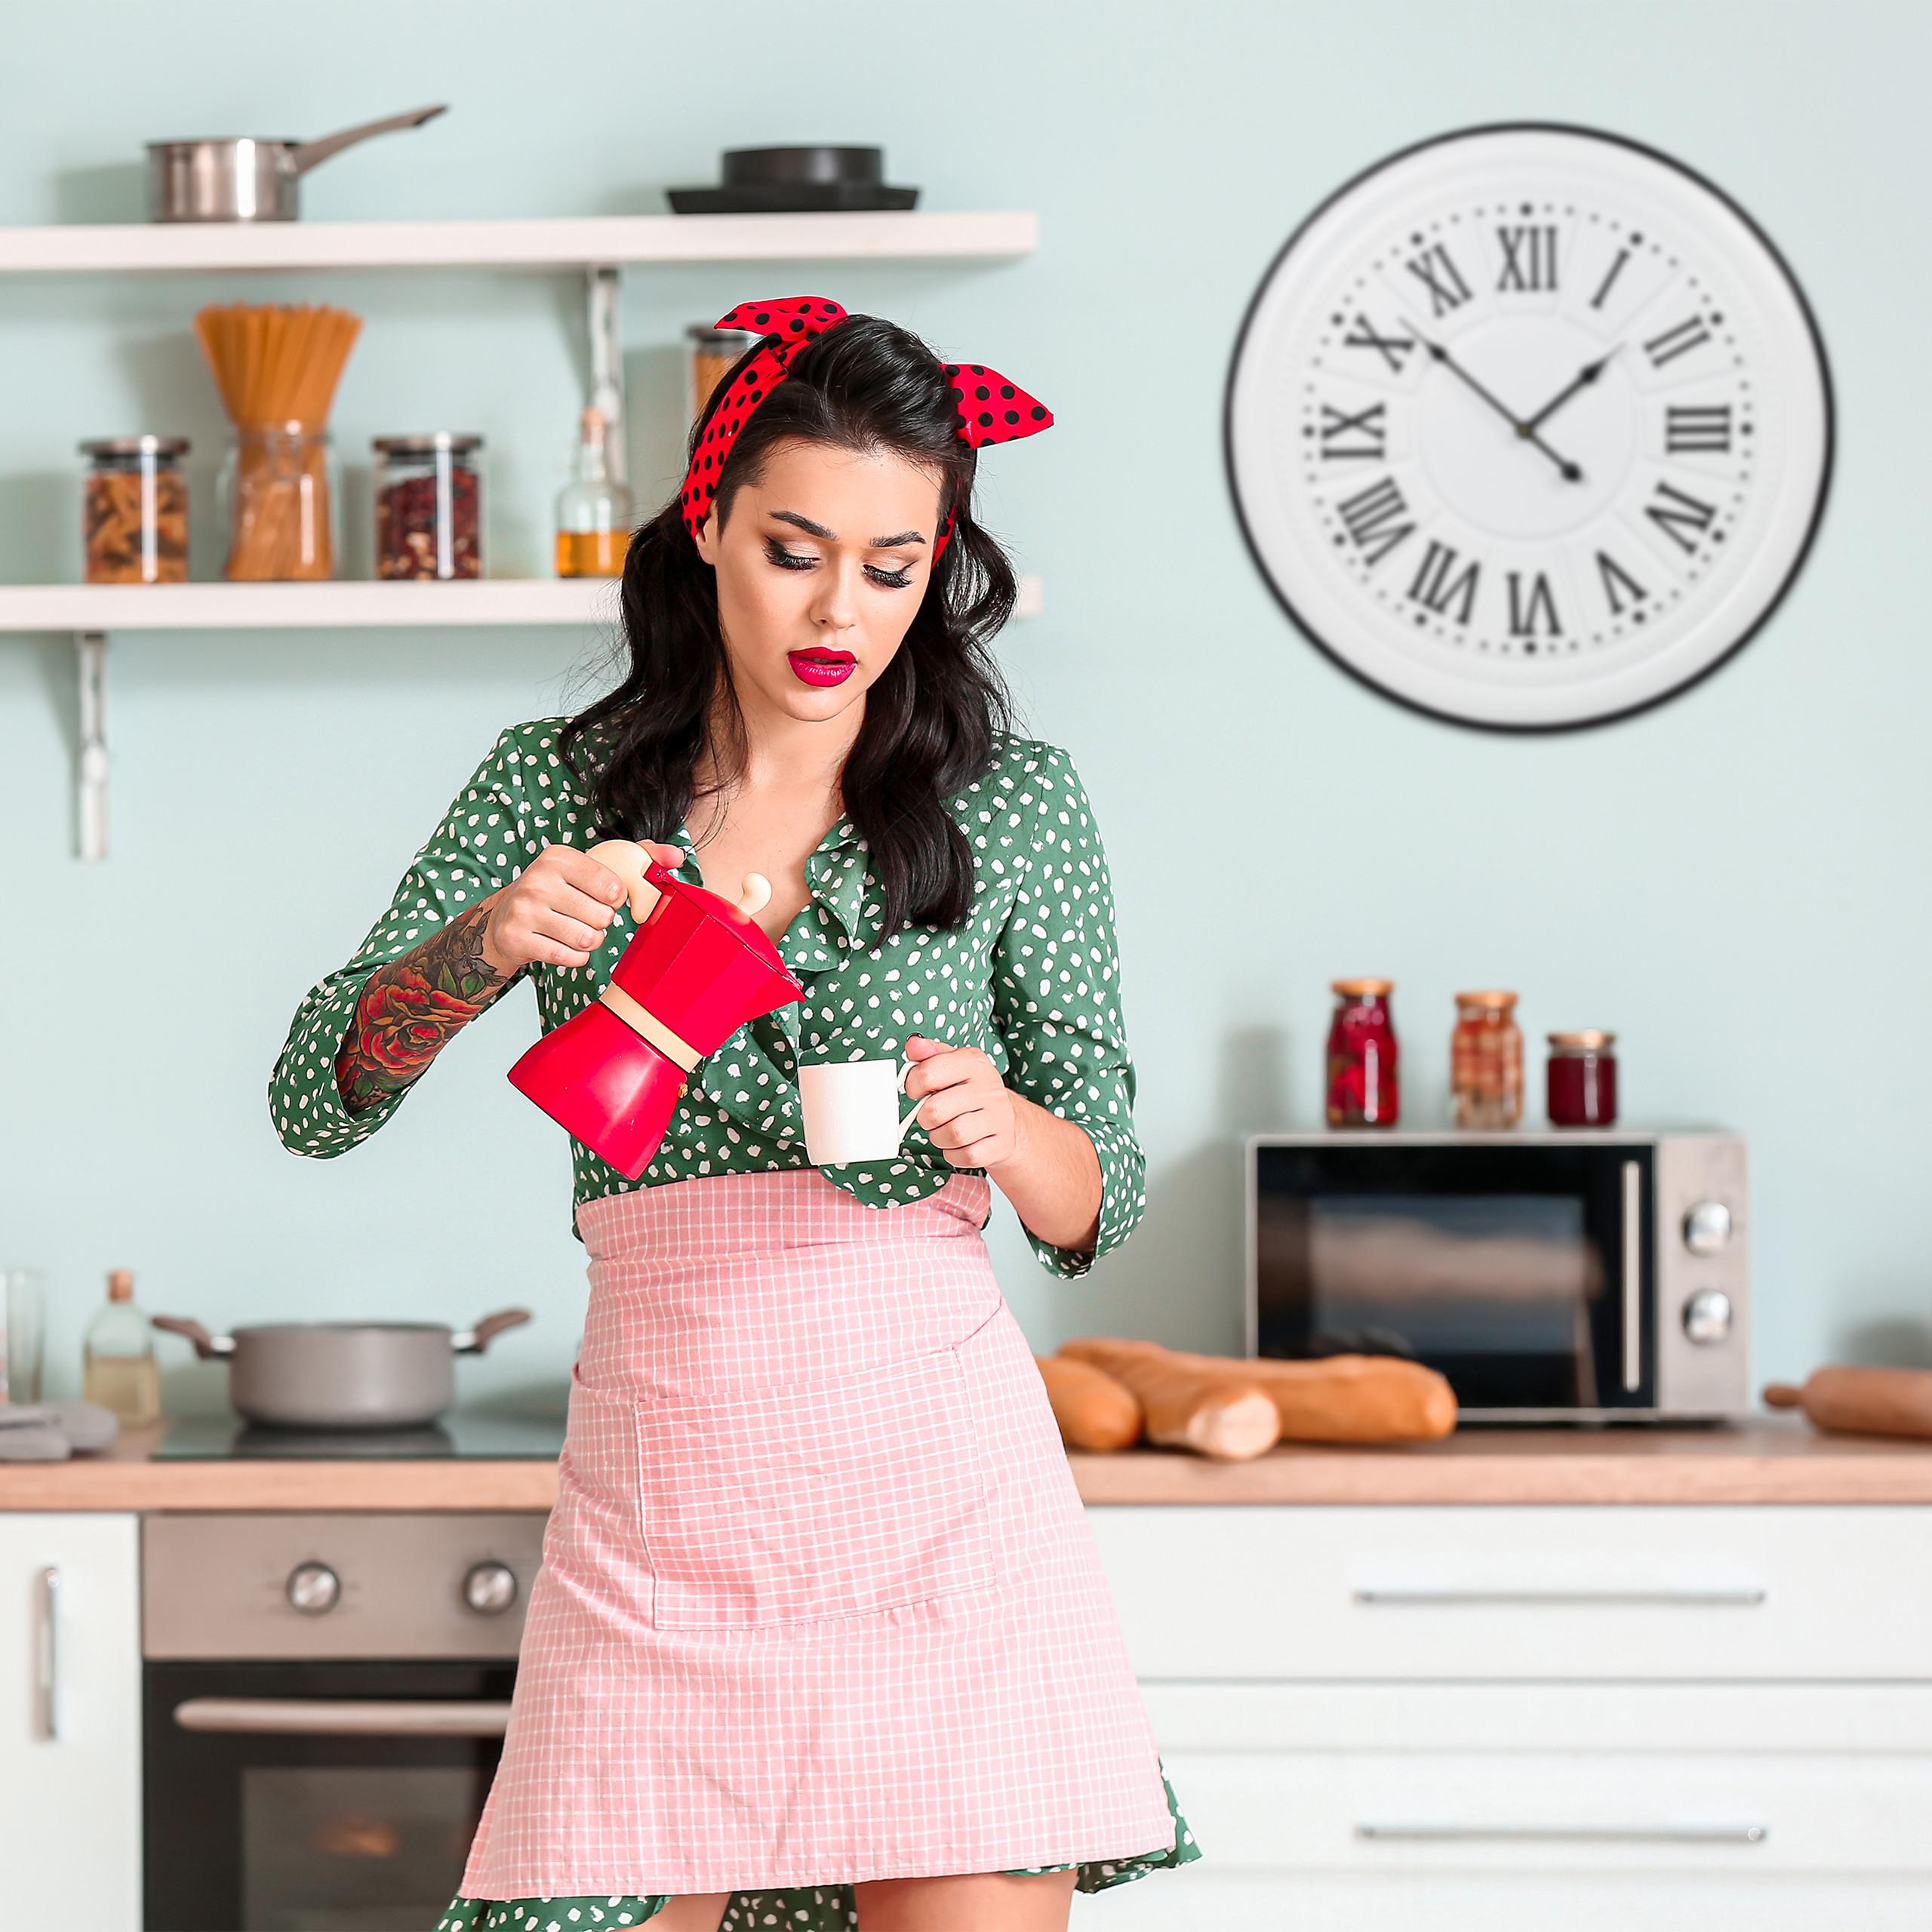 Analoguhr Wohnzimmeruhr Küchenwanduhr Metall antik Retro-Uhr Wanduhr Vintage